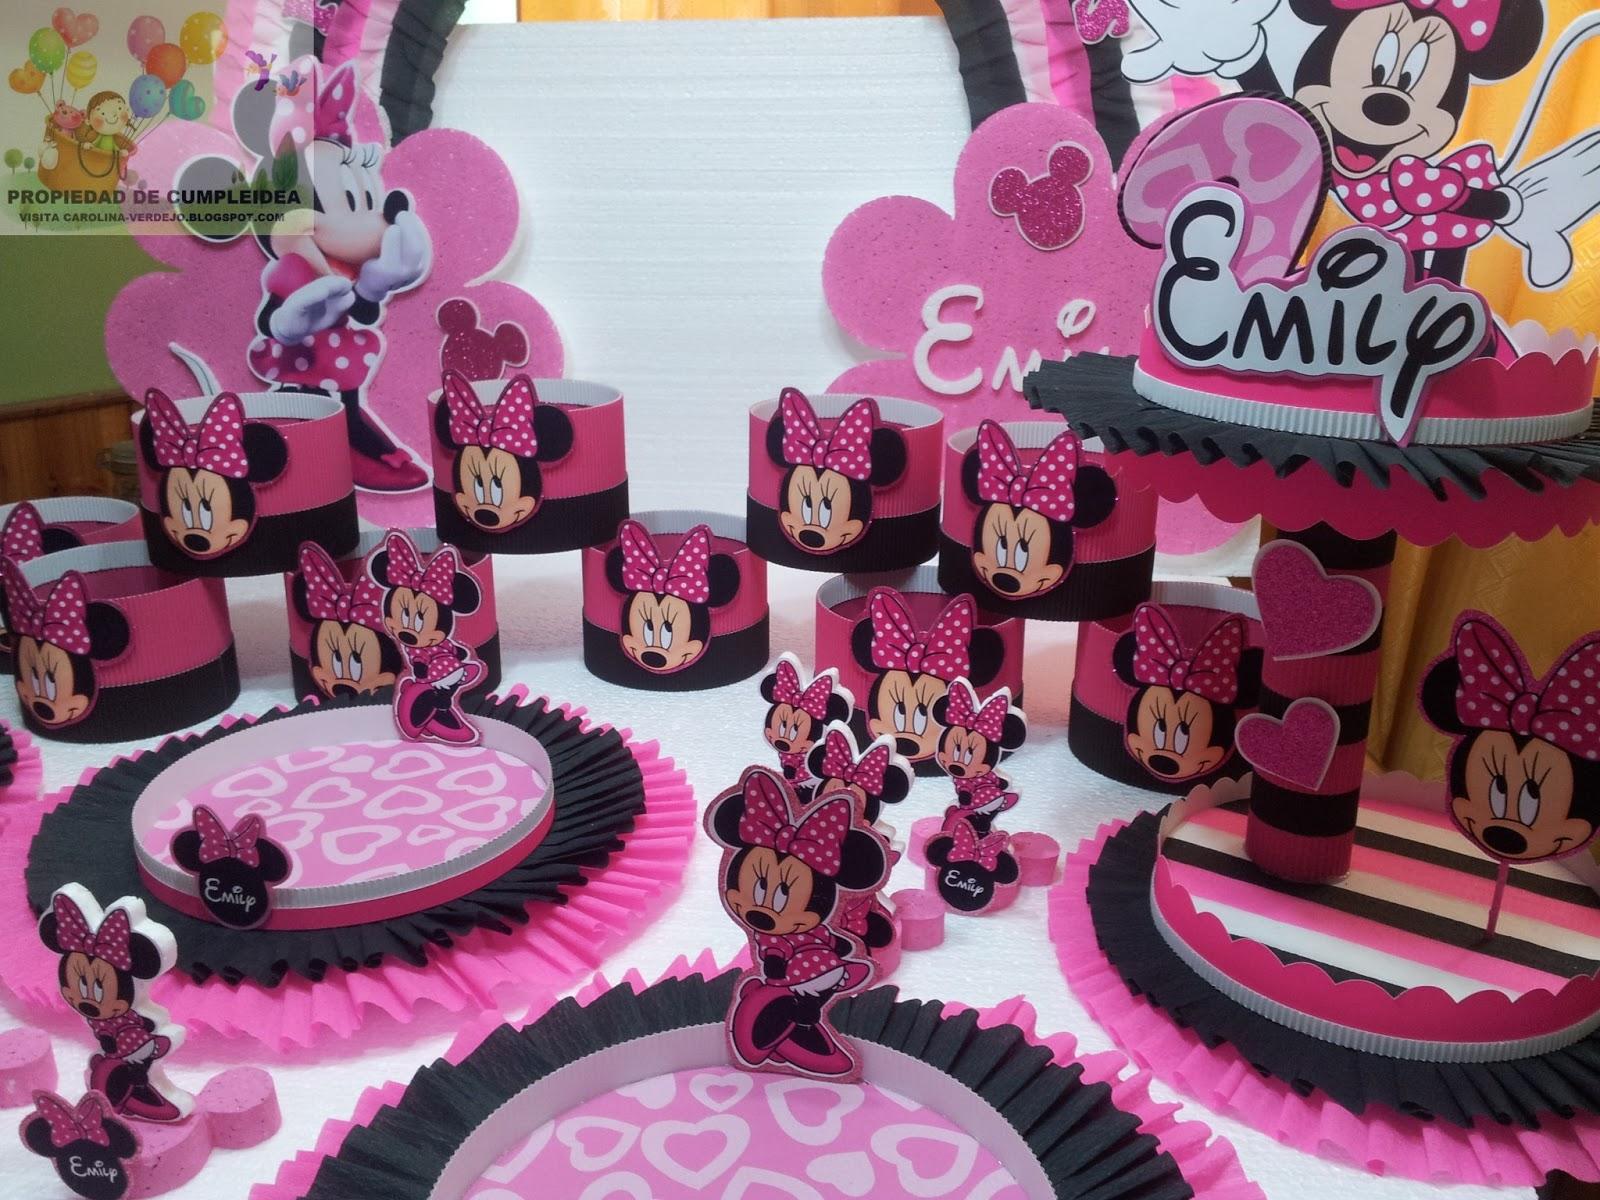 Decoraciones infantiles minnie mouse for Decoracion minnie mouse